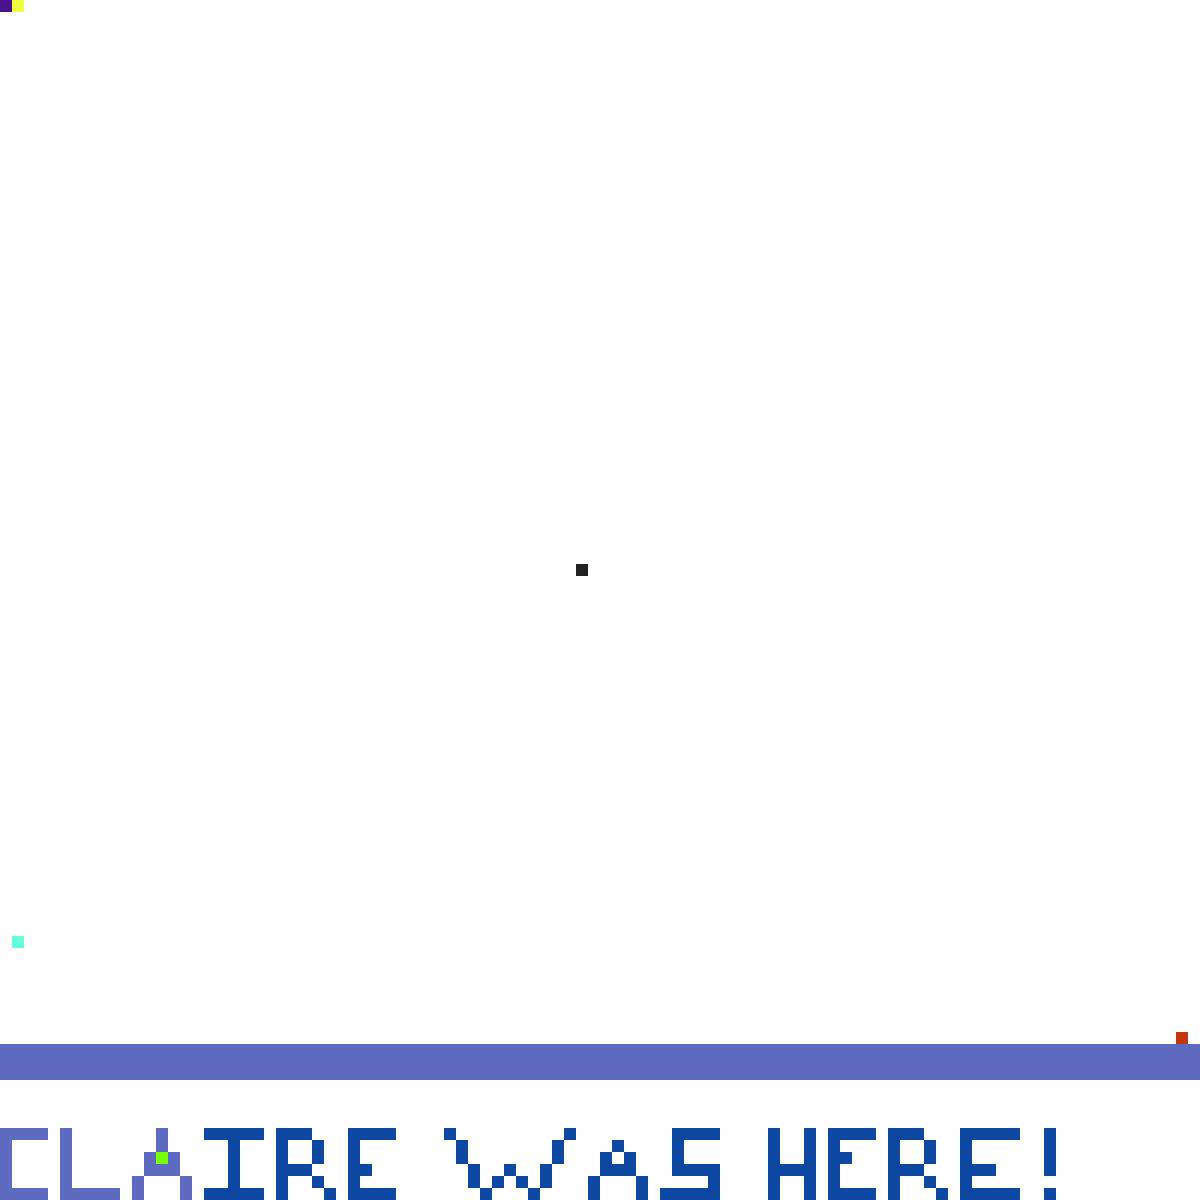 Fill in One Pixel by HippieParrot